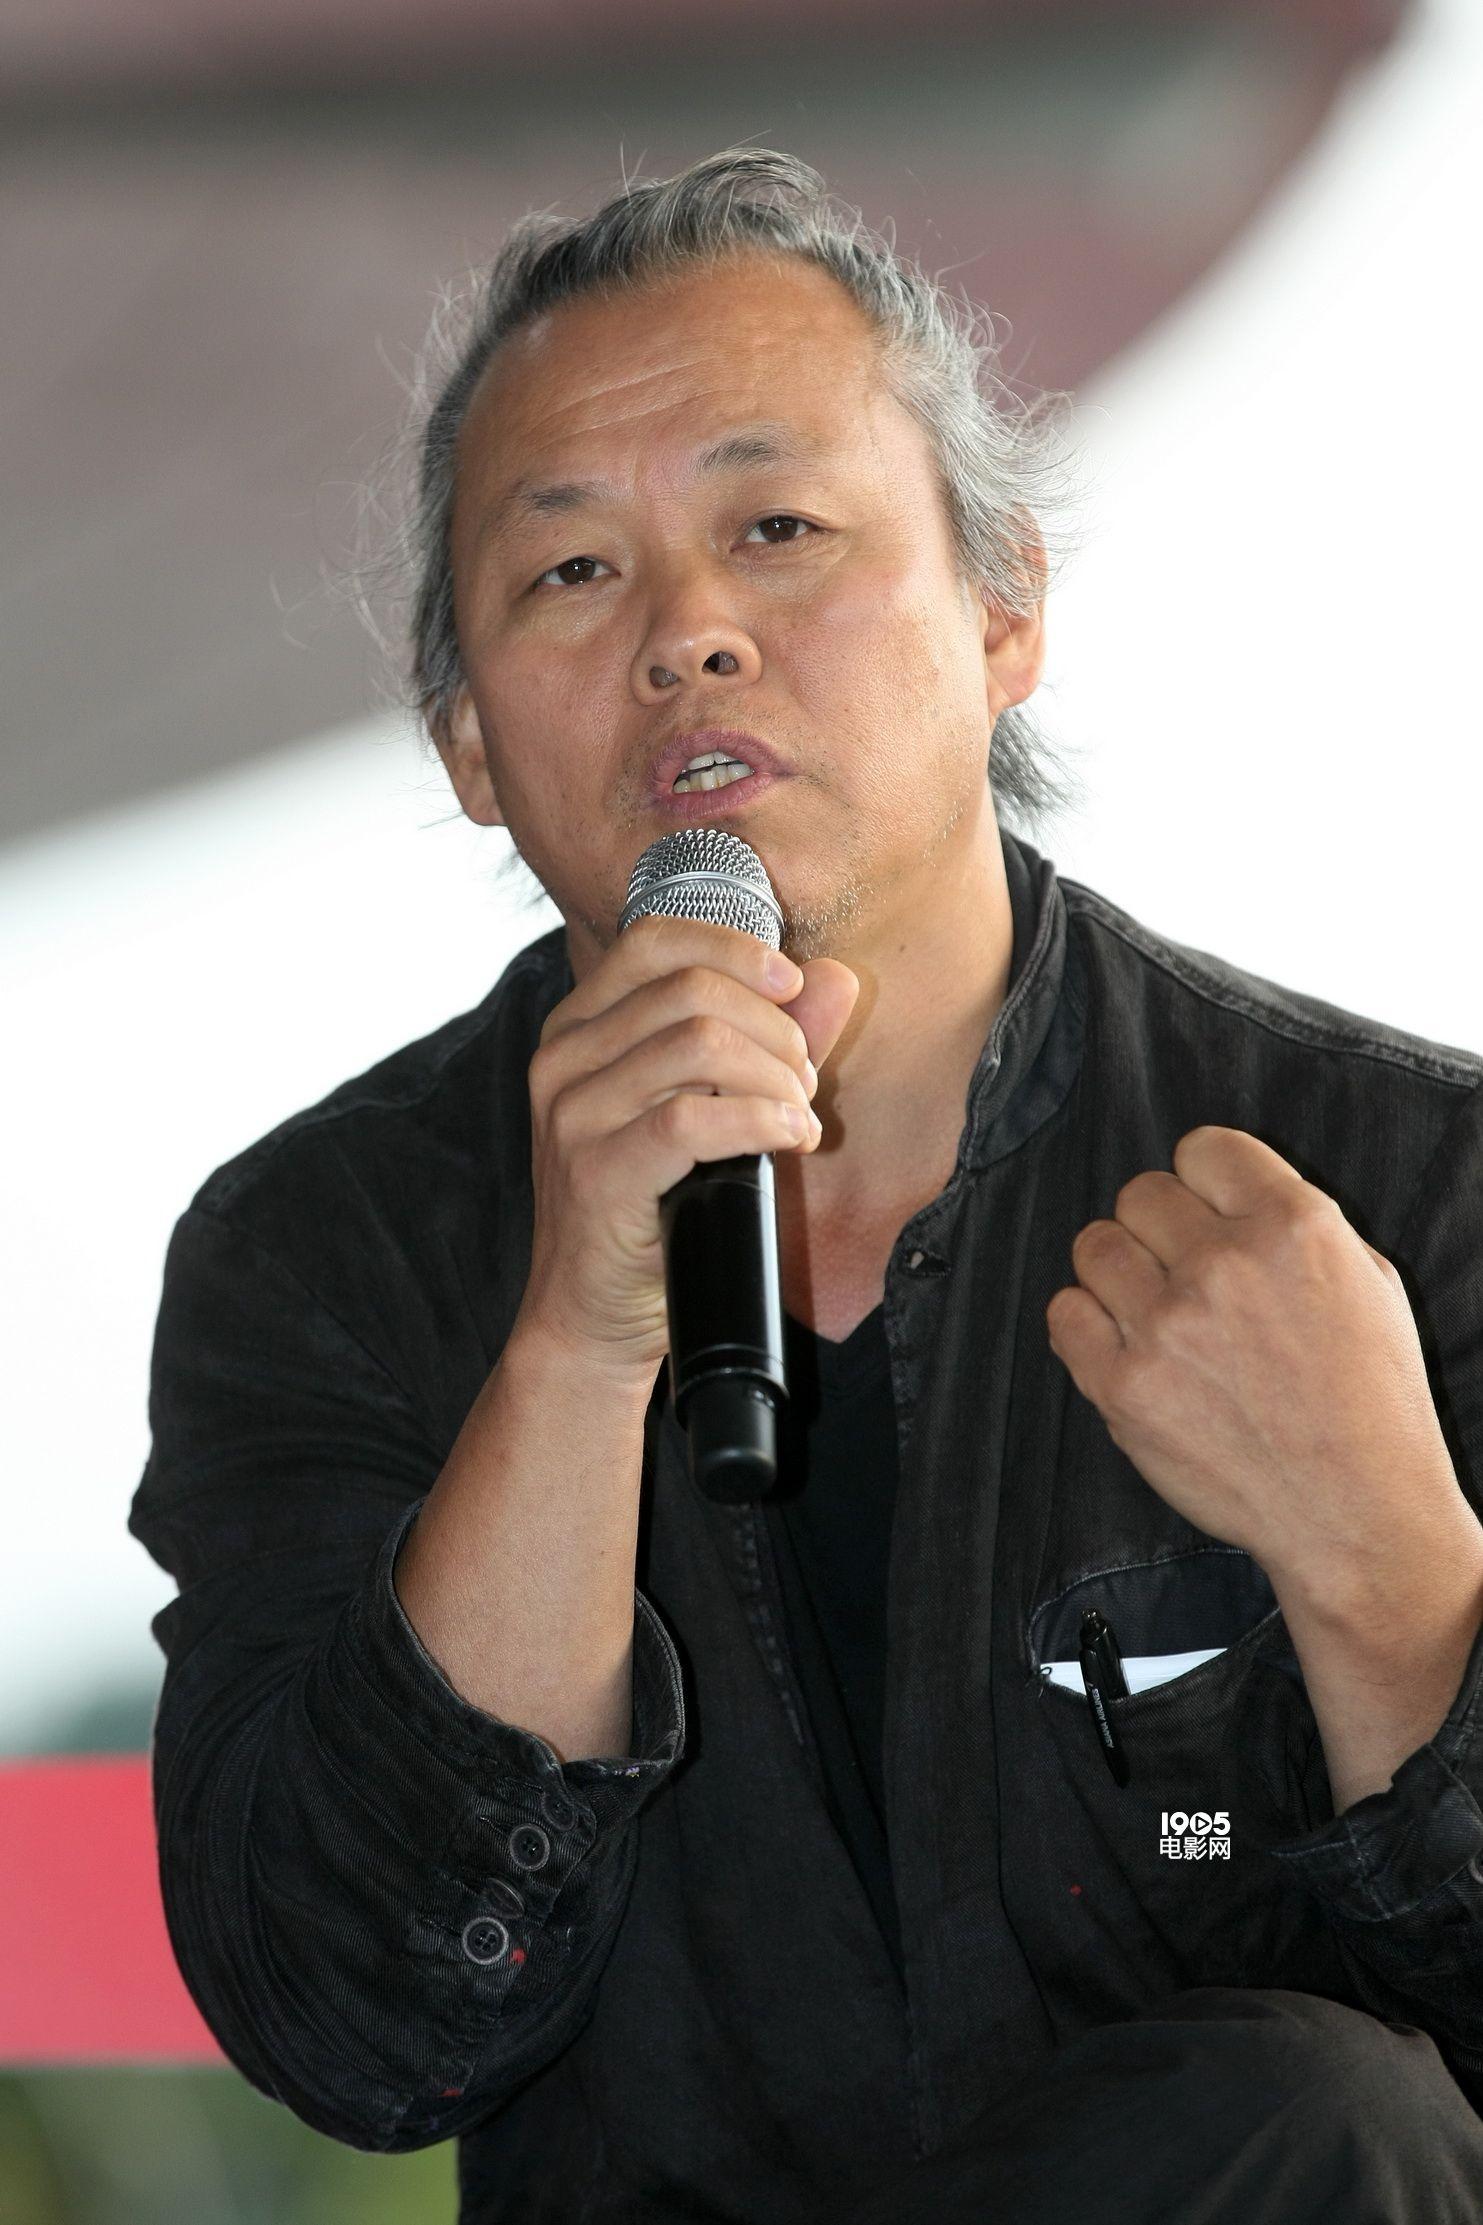 金基德:韓國國內上映屢受挫 下一部電影不會送審_海外爆料_圖集_電影網_1905.com